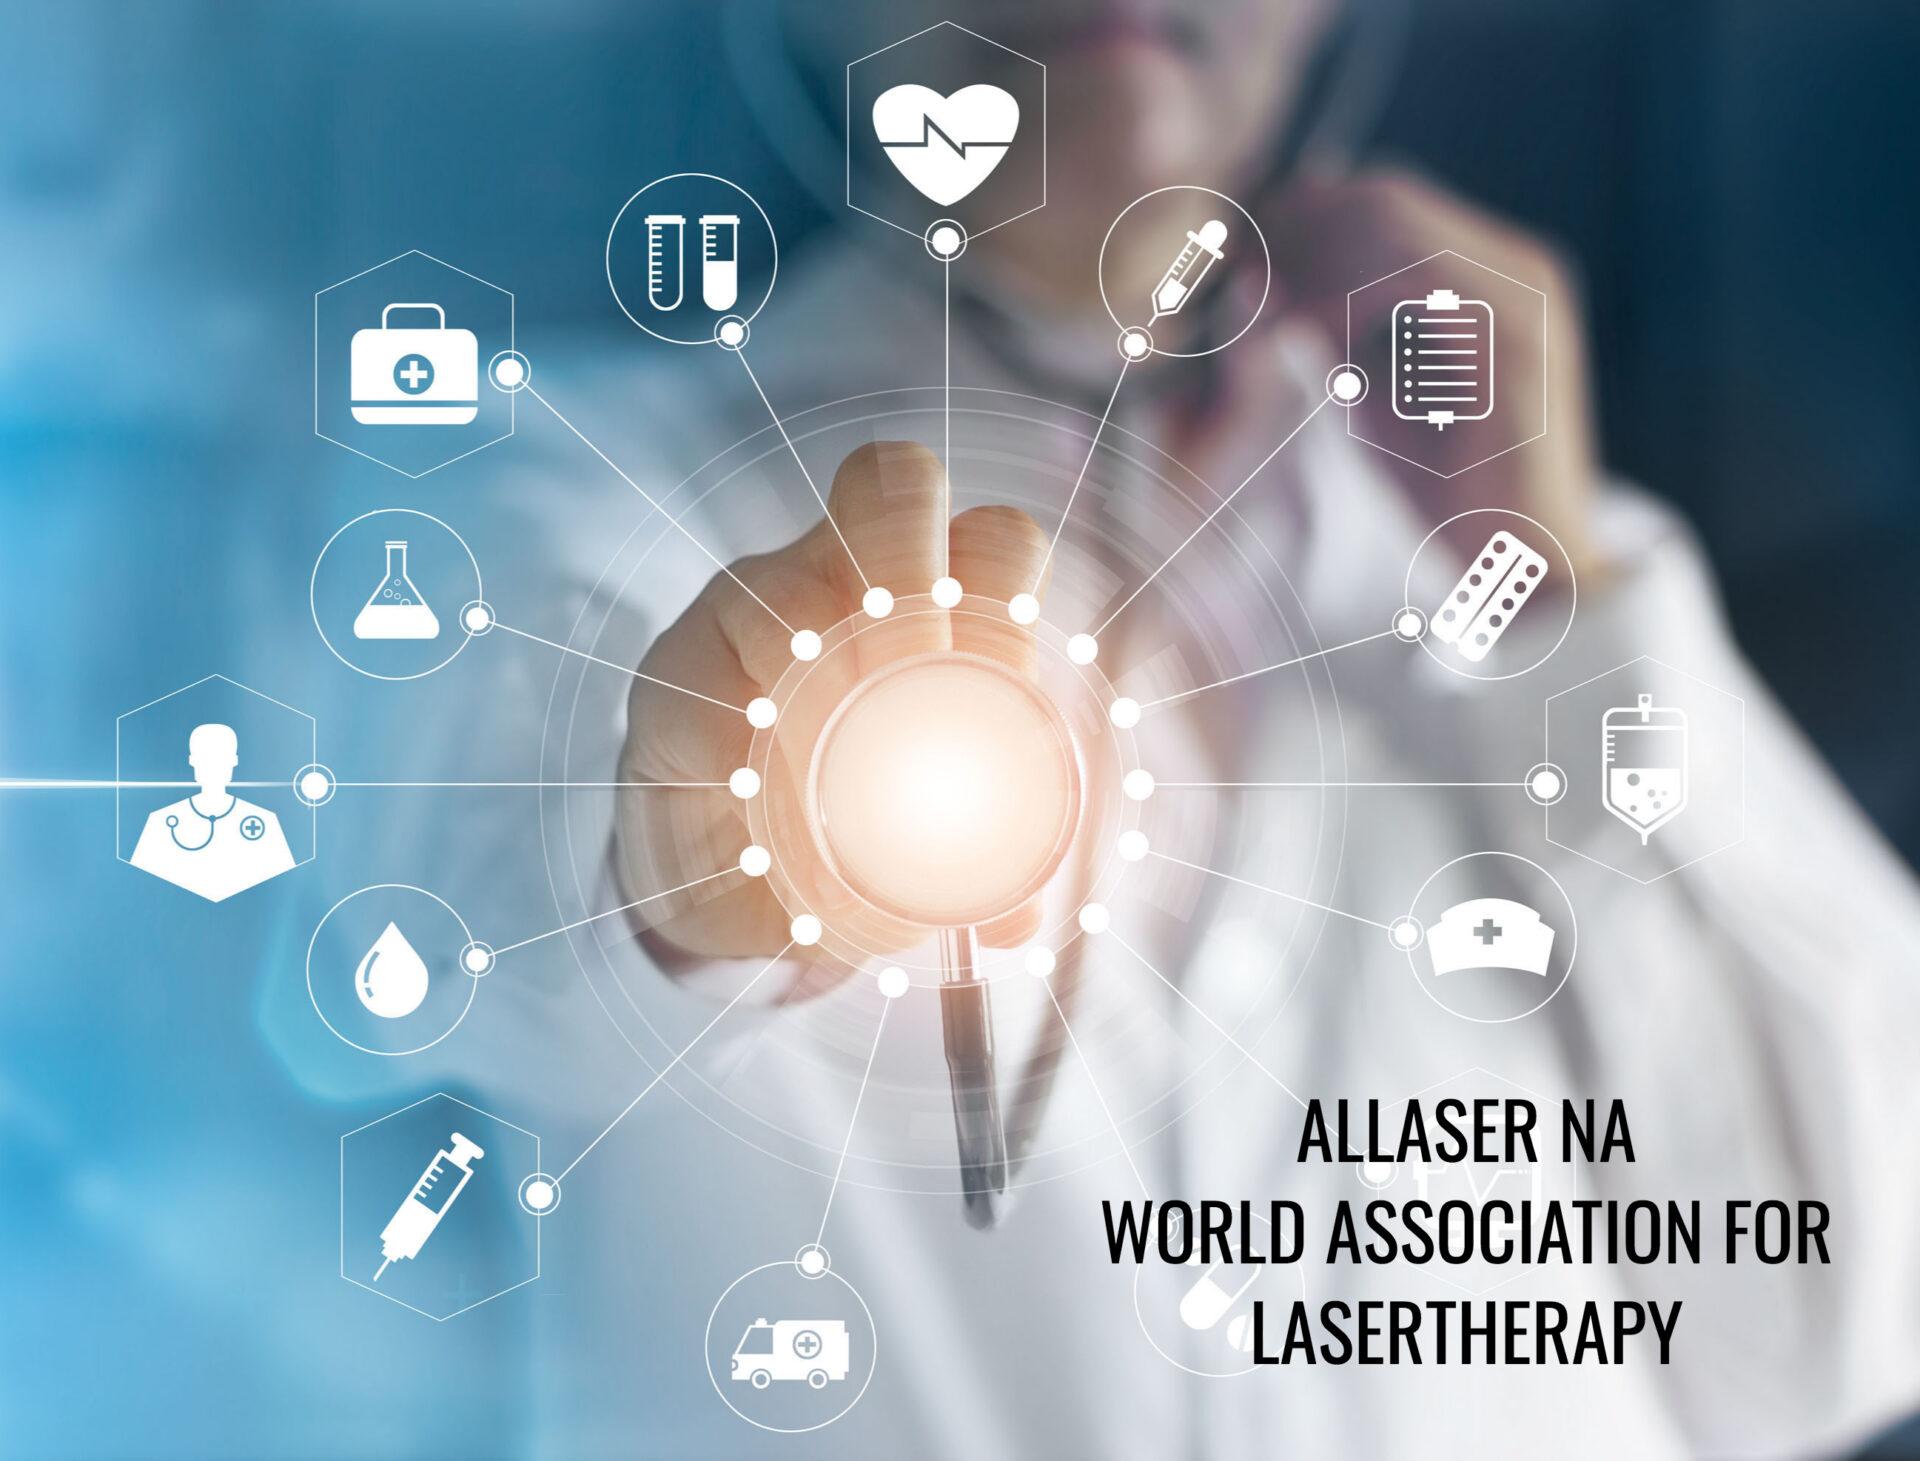 12° Congresso da Associação Mundial de Laserterapia (WALT) – França